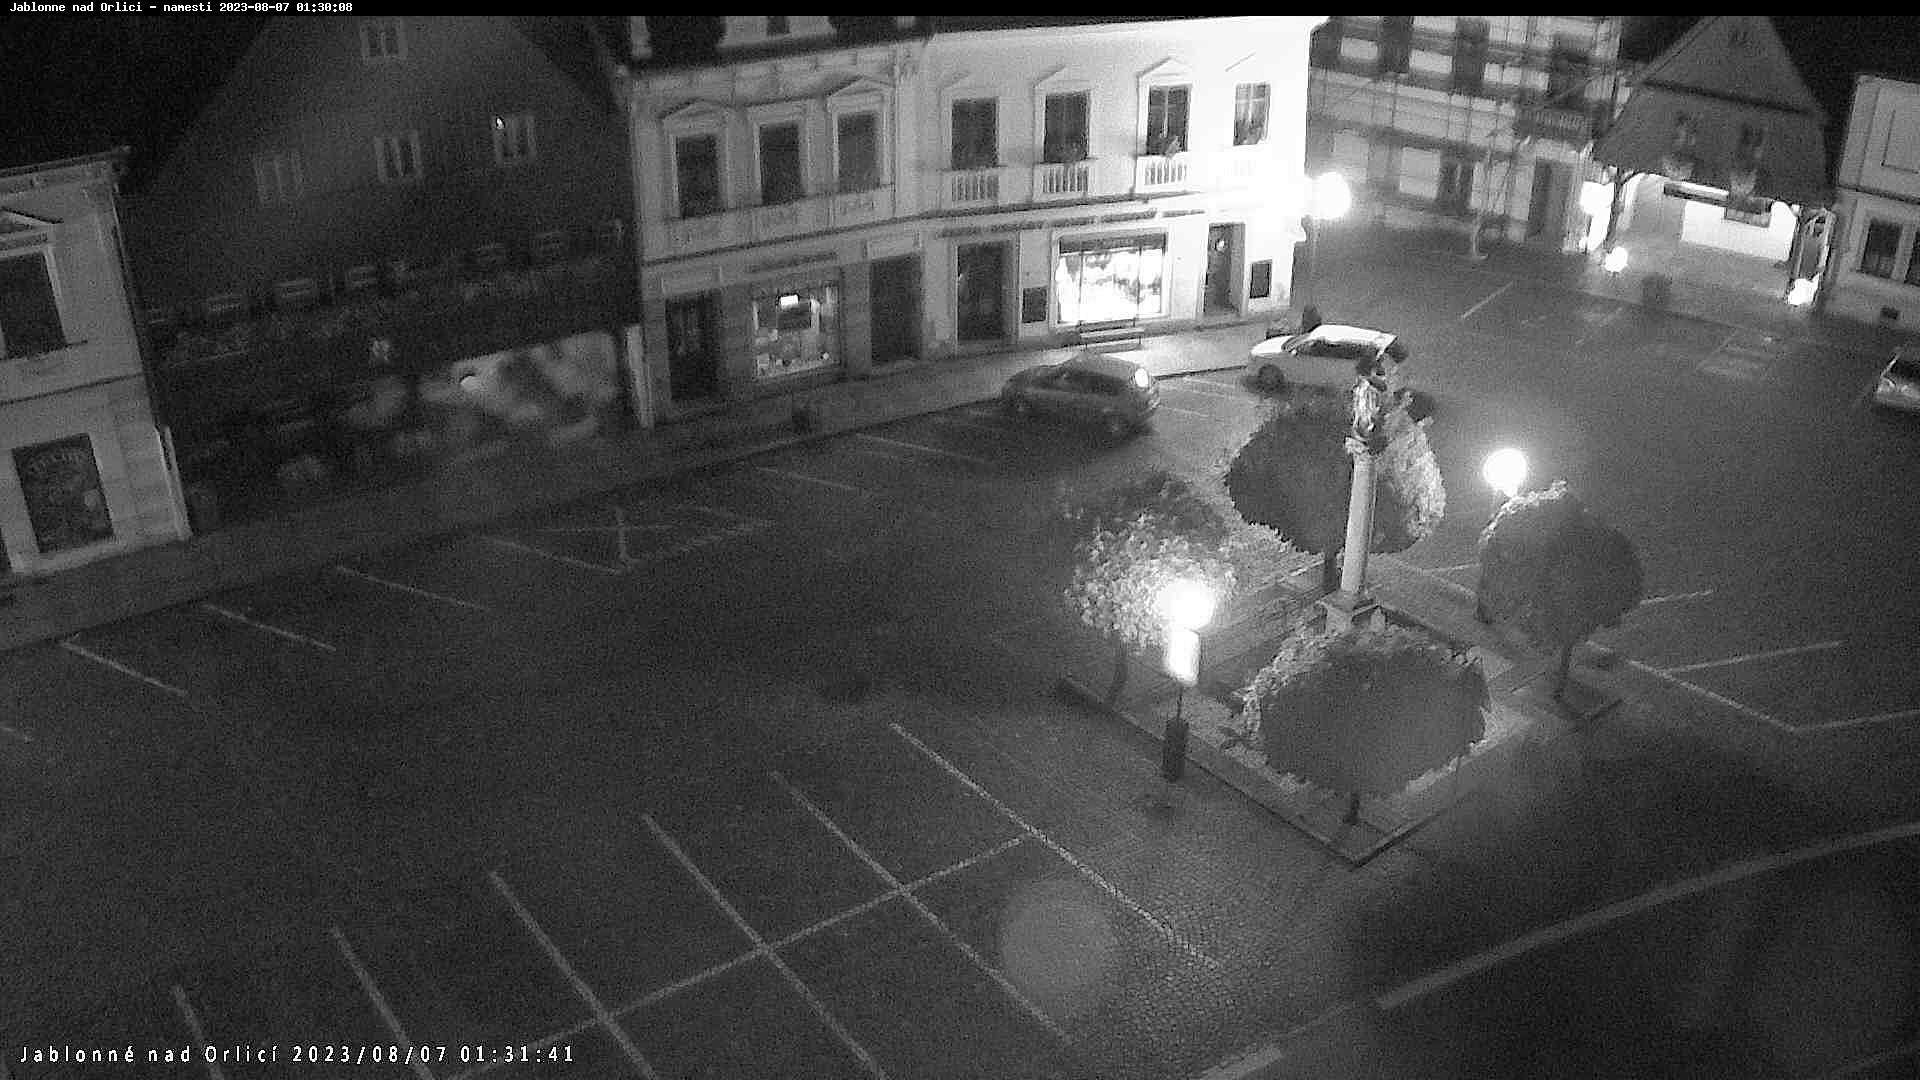 Webcam - Jablonné nad Orlicí